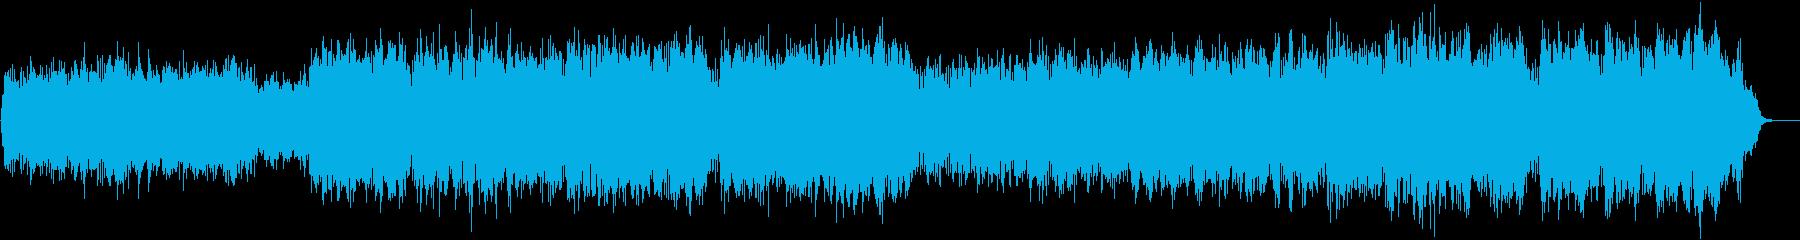 オーケストラ オープニング曲 壮大な大河の再生済みの波形